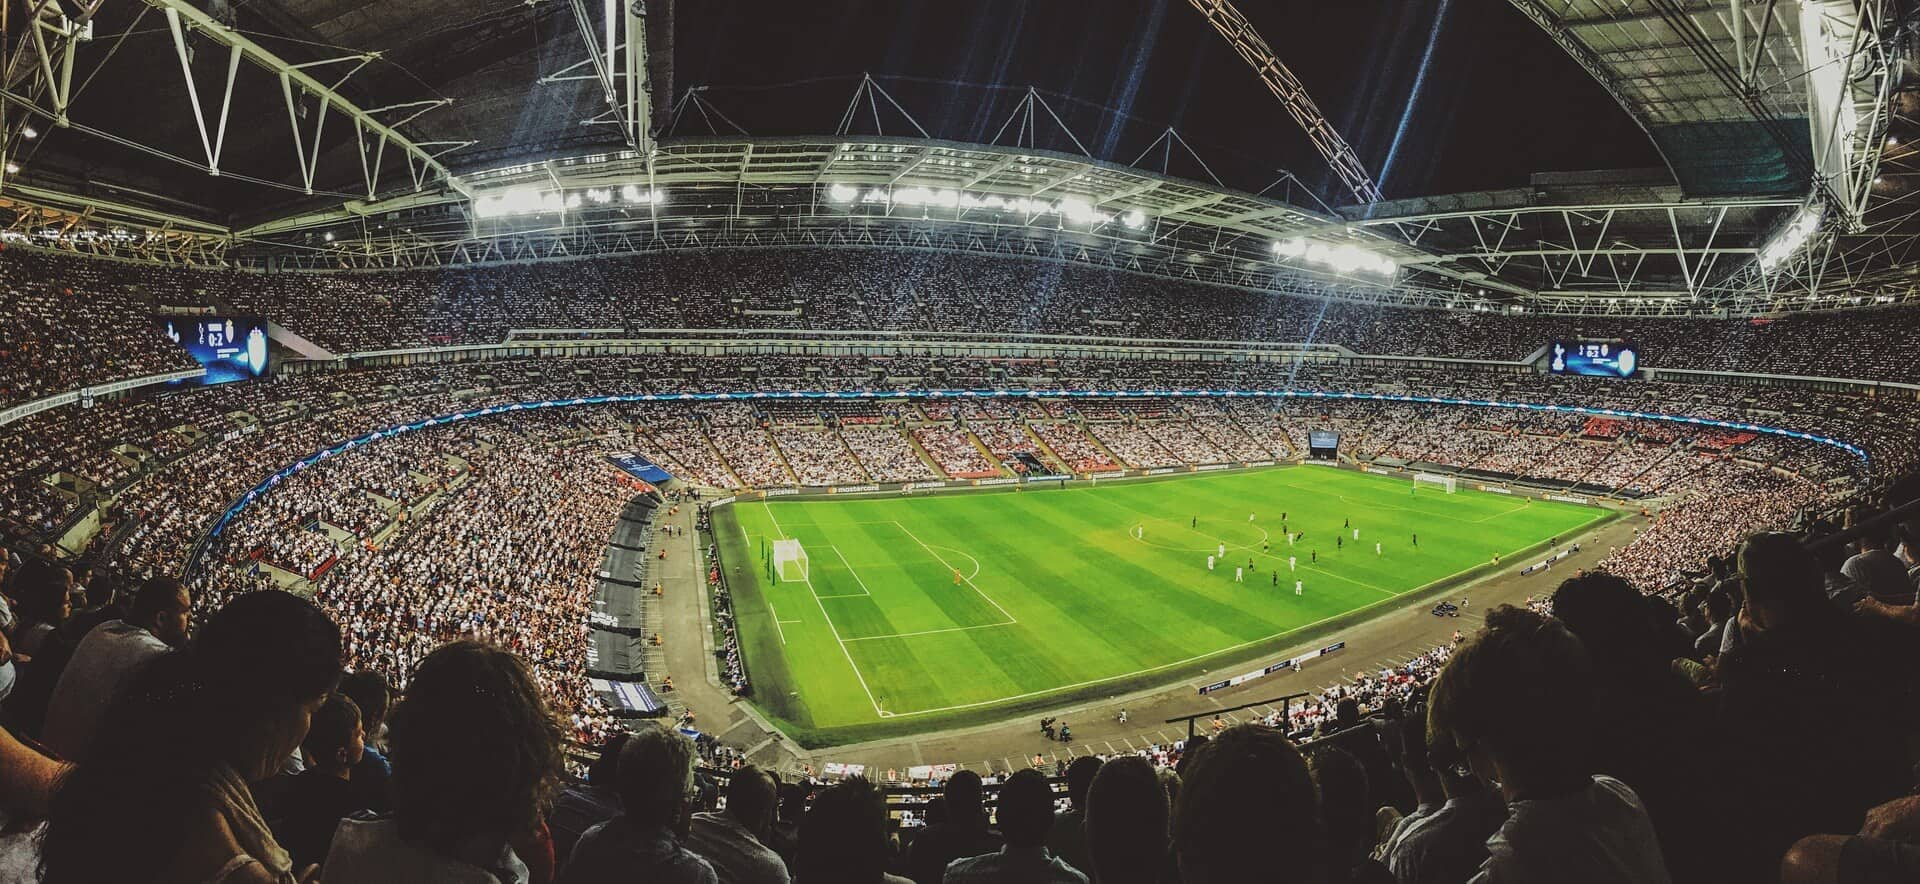 come scommettere online sulle partite di calcio